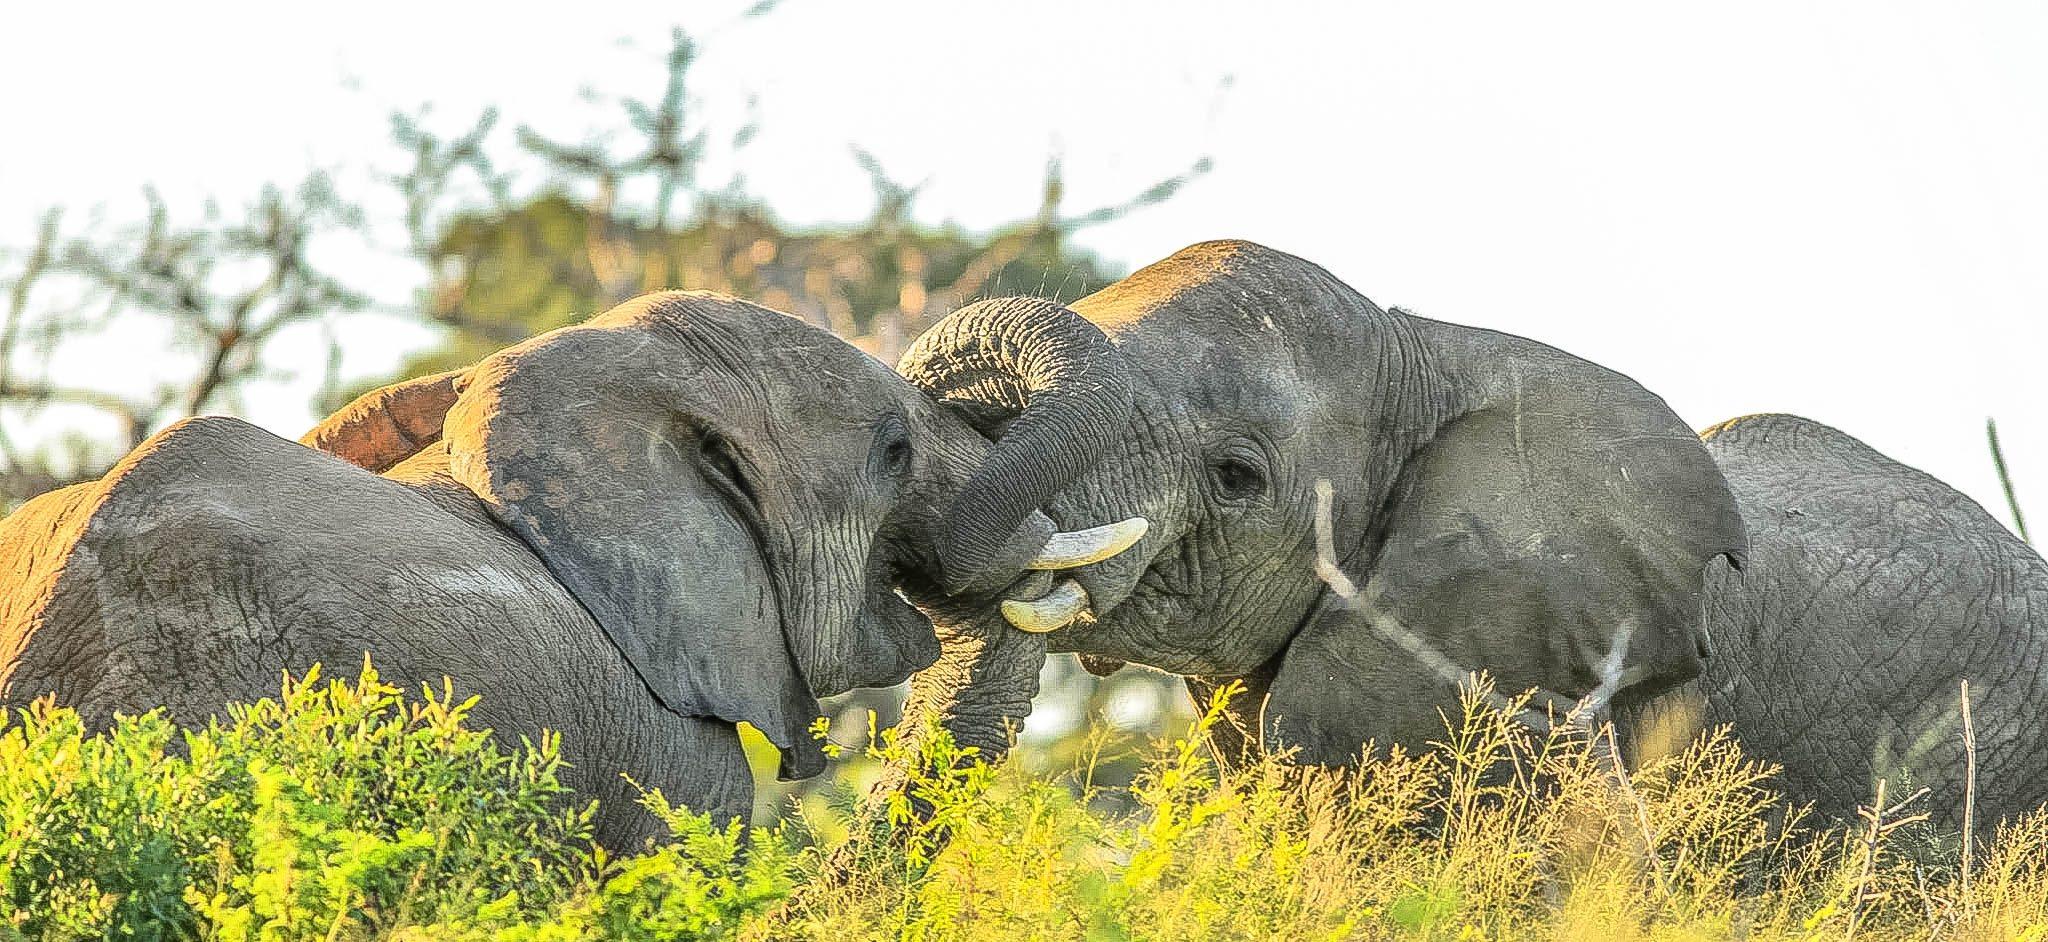 How-Elephants-use-their-Trunks-2048x942